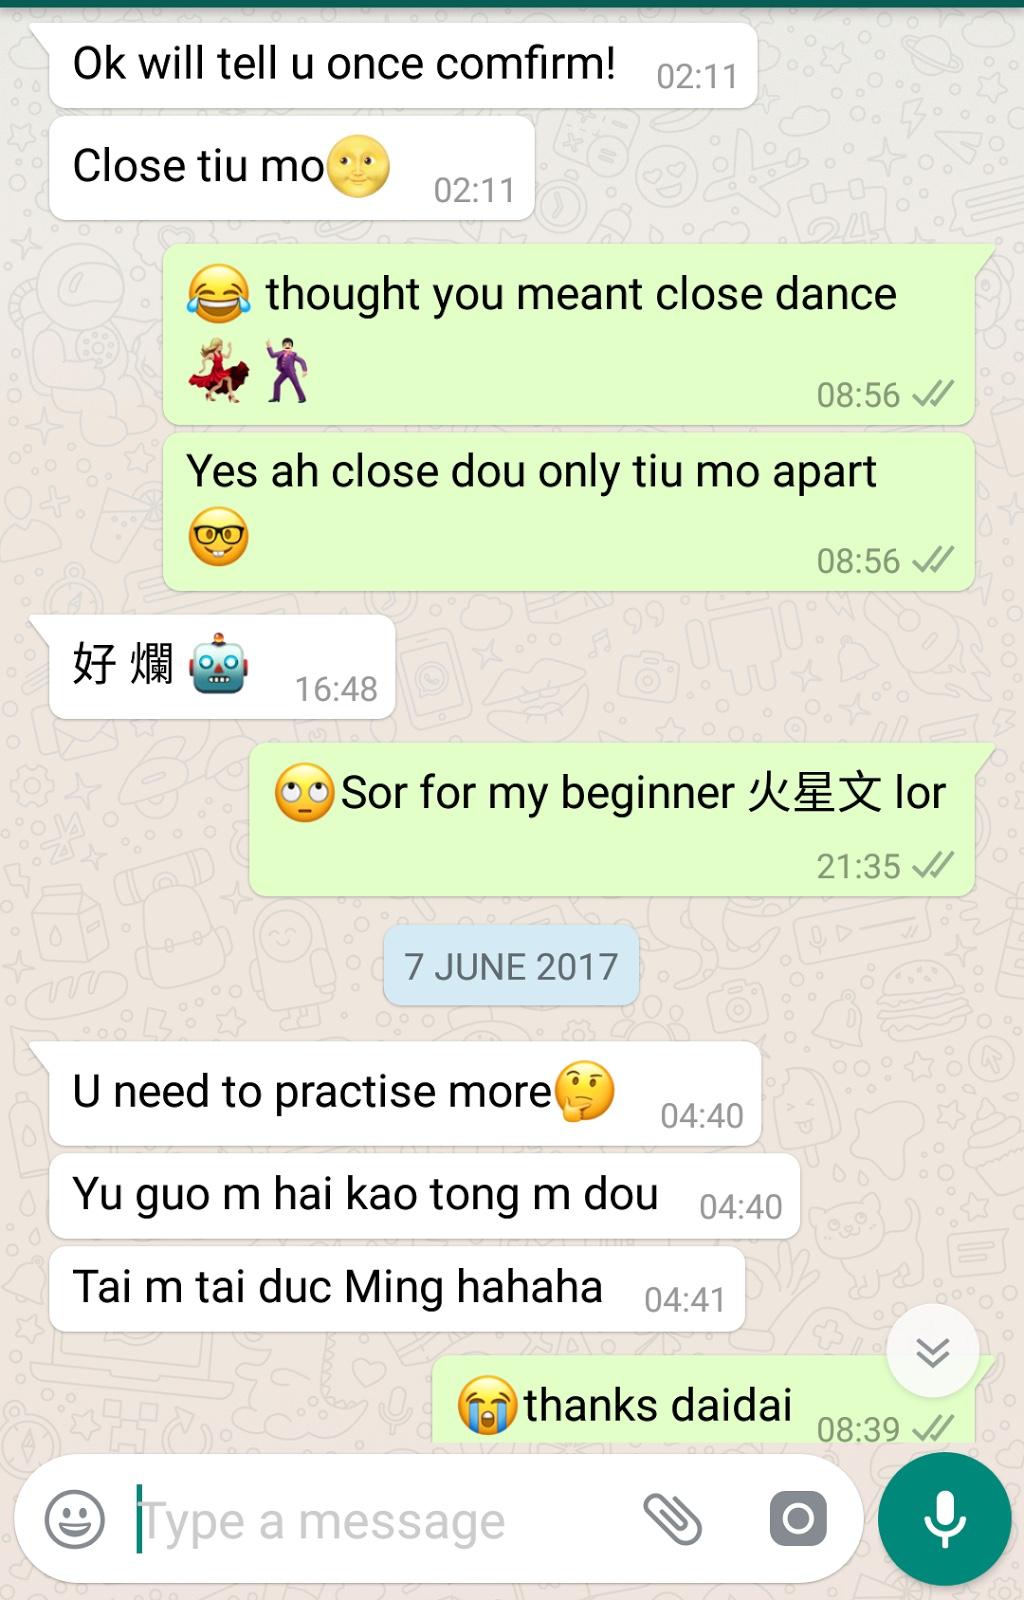 """中国語も英語もごちゃまぜが当たり前!香港人の""""不思議な""""コミュニケーション事情とは。"""